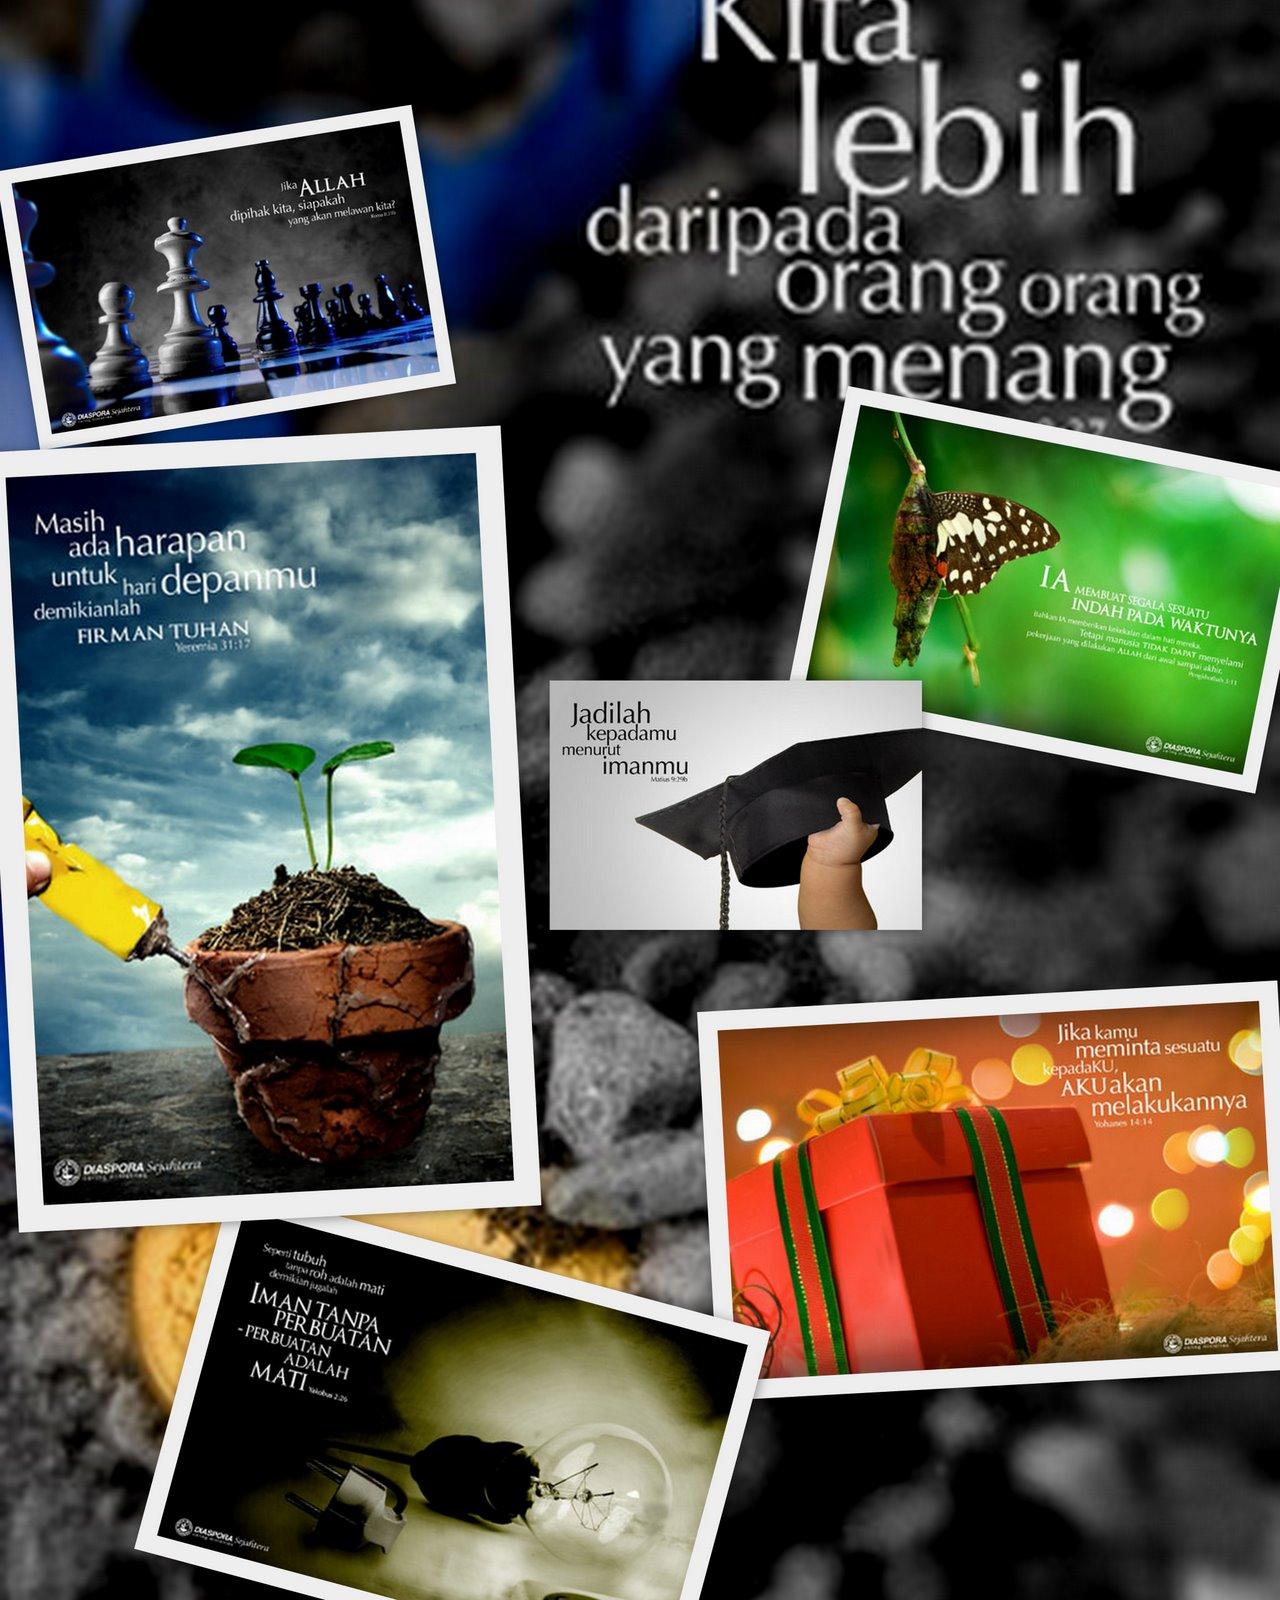 Written By Sumber Ajaran on Minggu, 13 Mei 2012 | 01.06